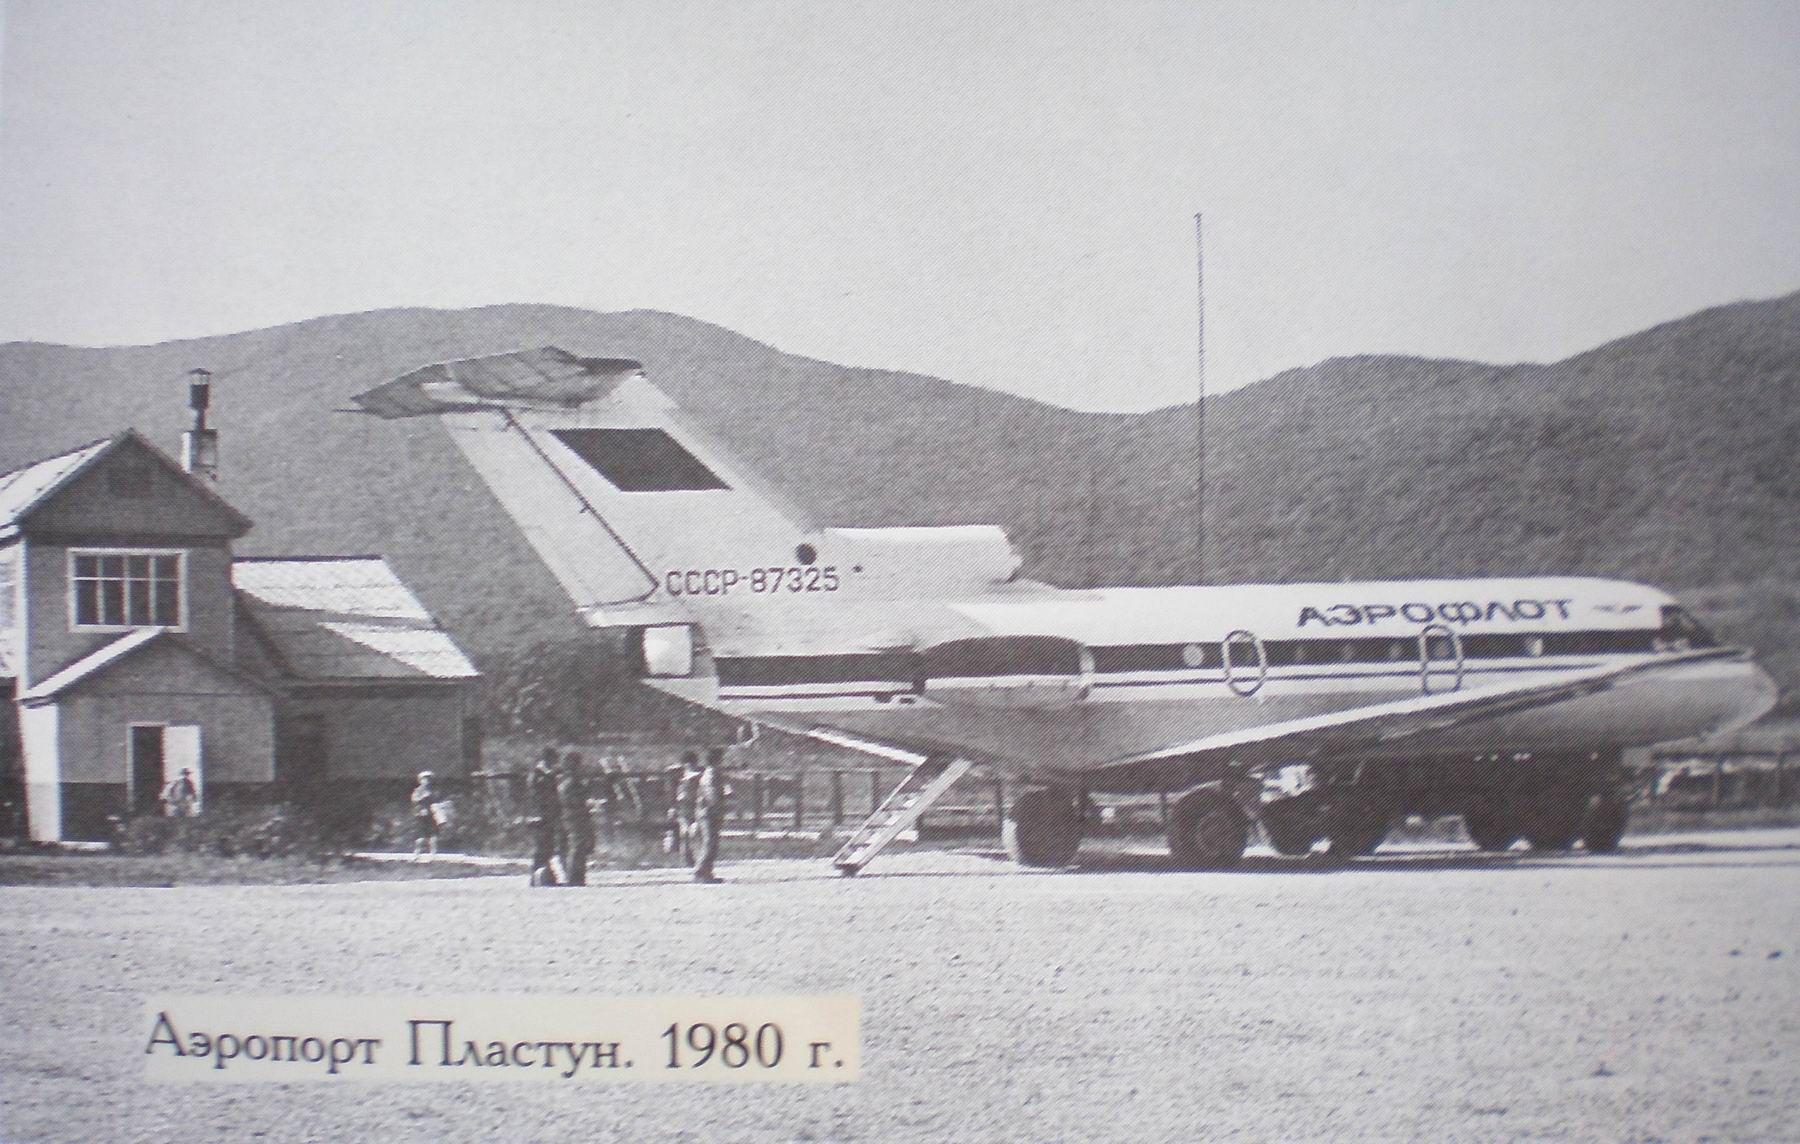 Пластун 1980 год.jpg